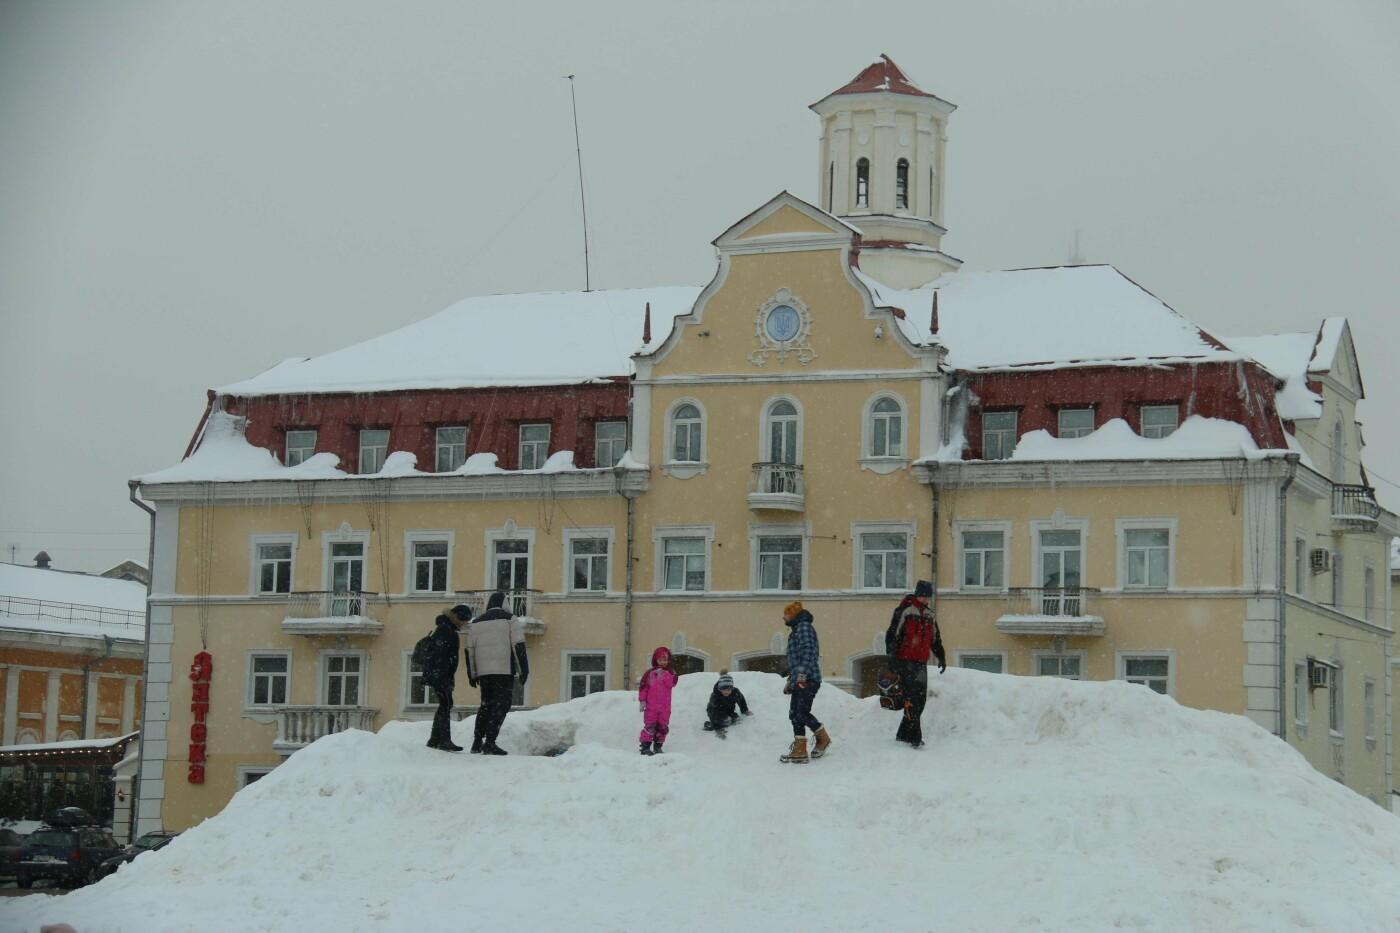 Замело: чи довго сніг лежатиме на вулицях Чернігова?, фото-1